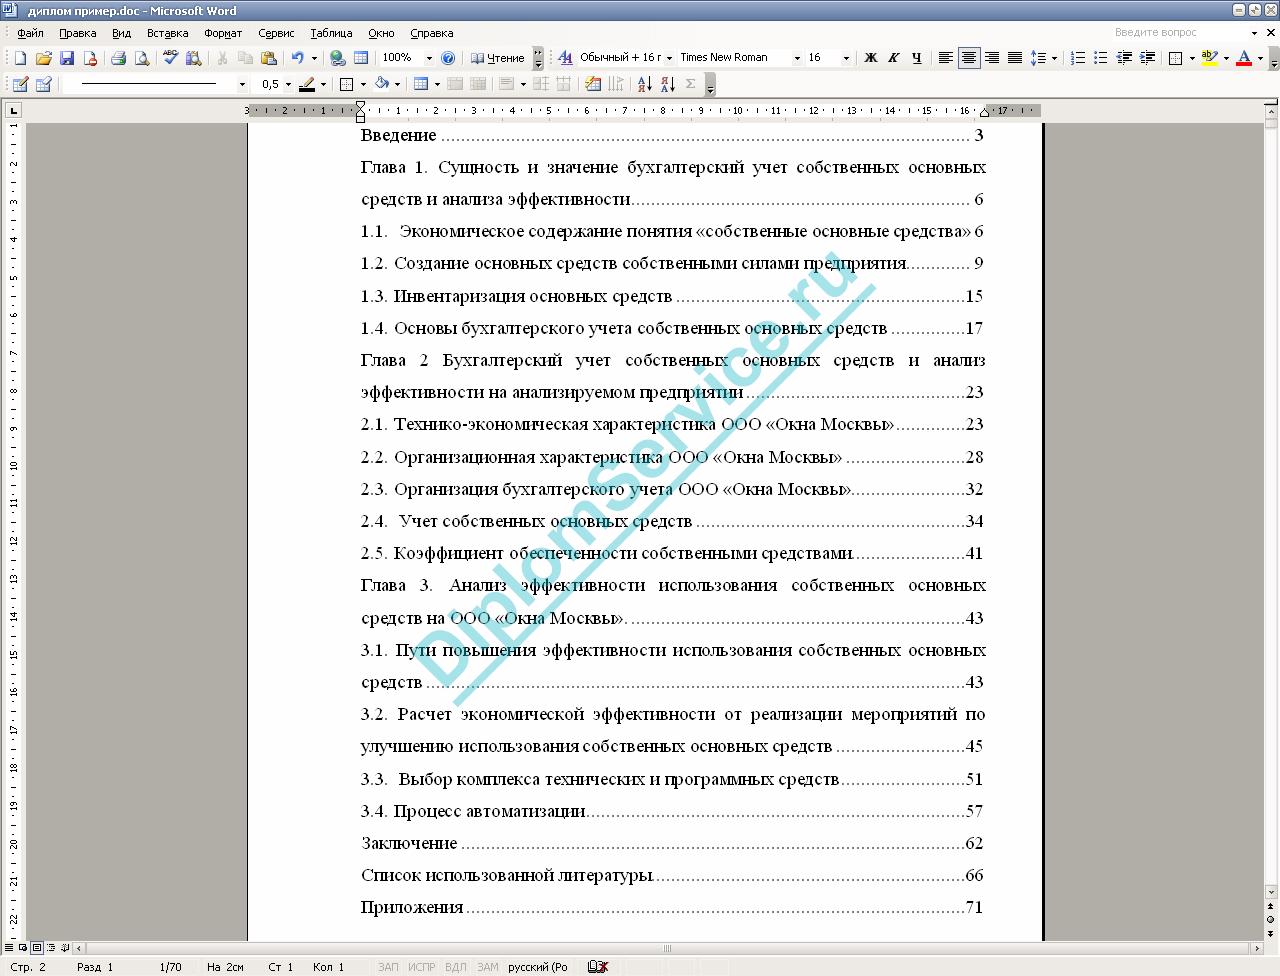 Структура и правила написания качественной дипломной работы